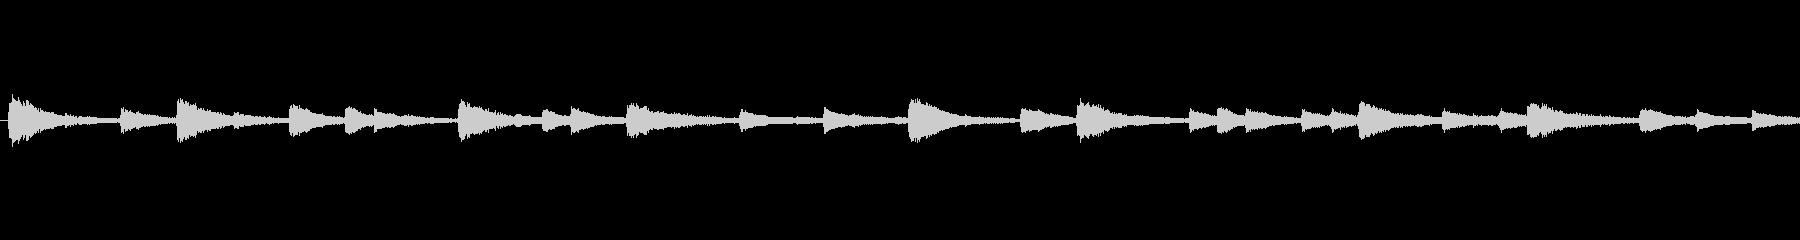 piano loop ピアノループの未再生の波形